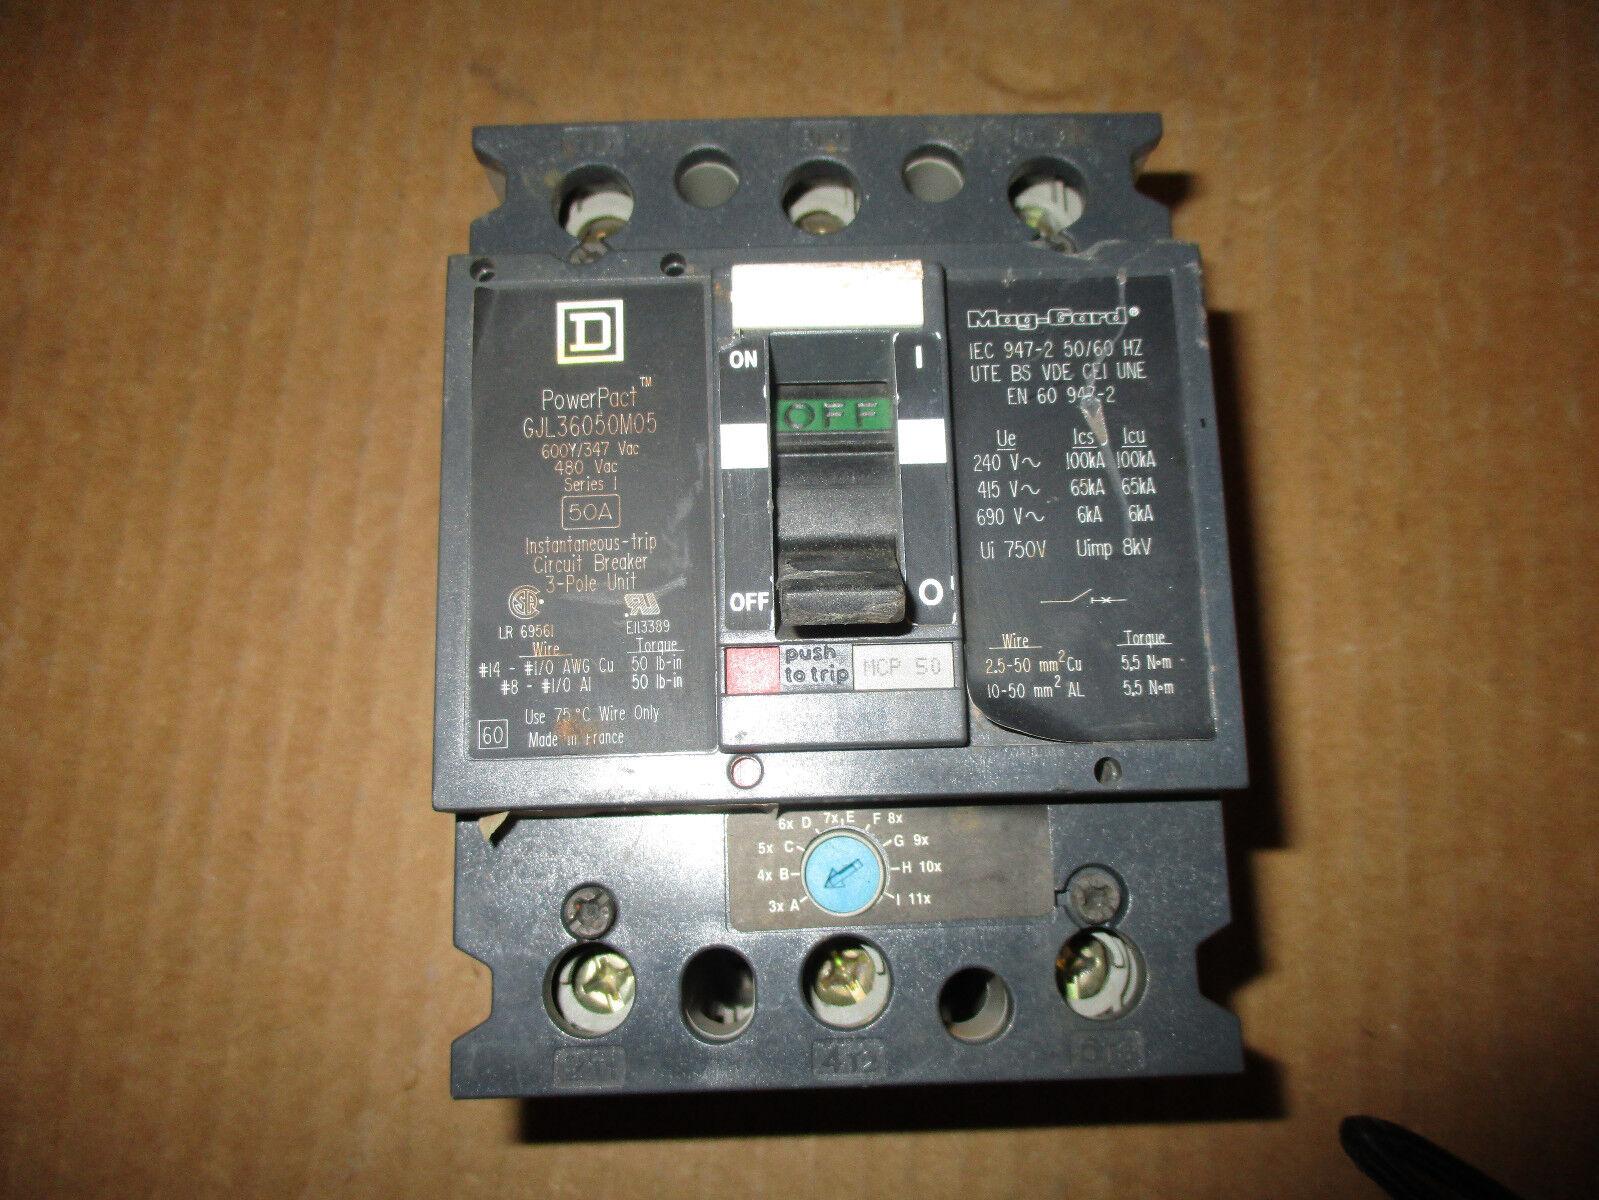 Square D Gjl36050m05 Motor Control Circuit Breaker 50 Amp 3 Pole The Lr Series Electronics 600v Ebay